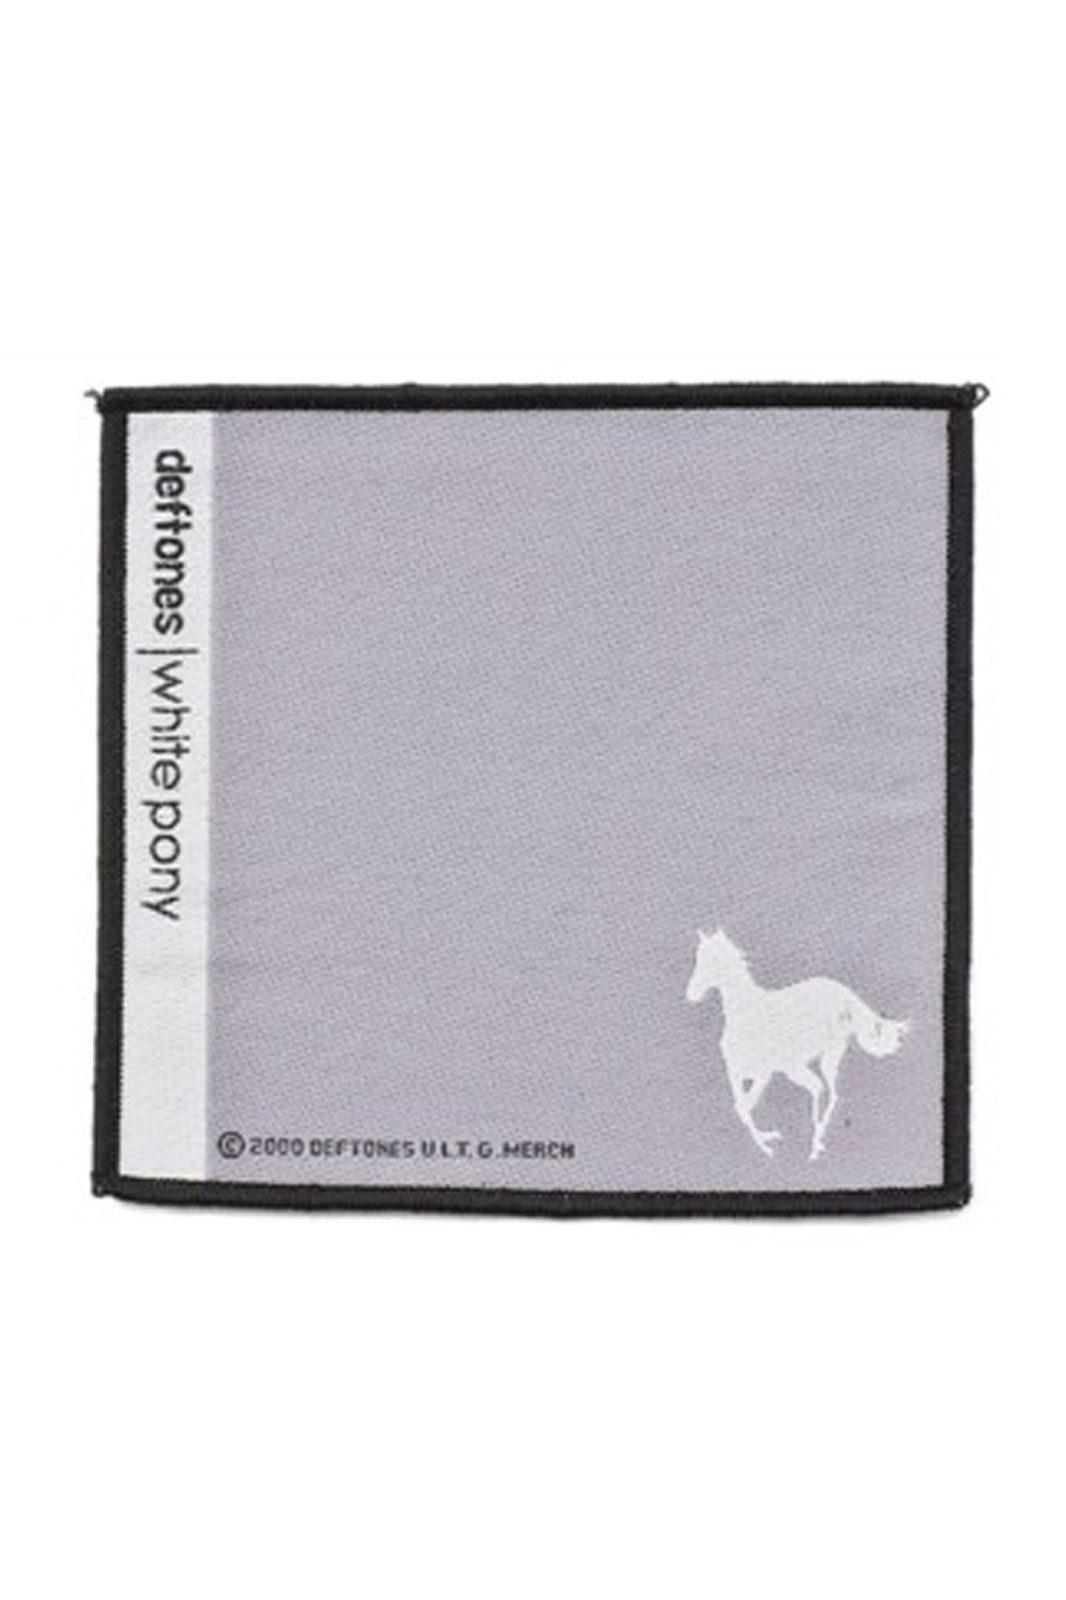 razamatas deftones pony